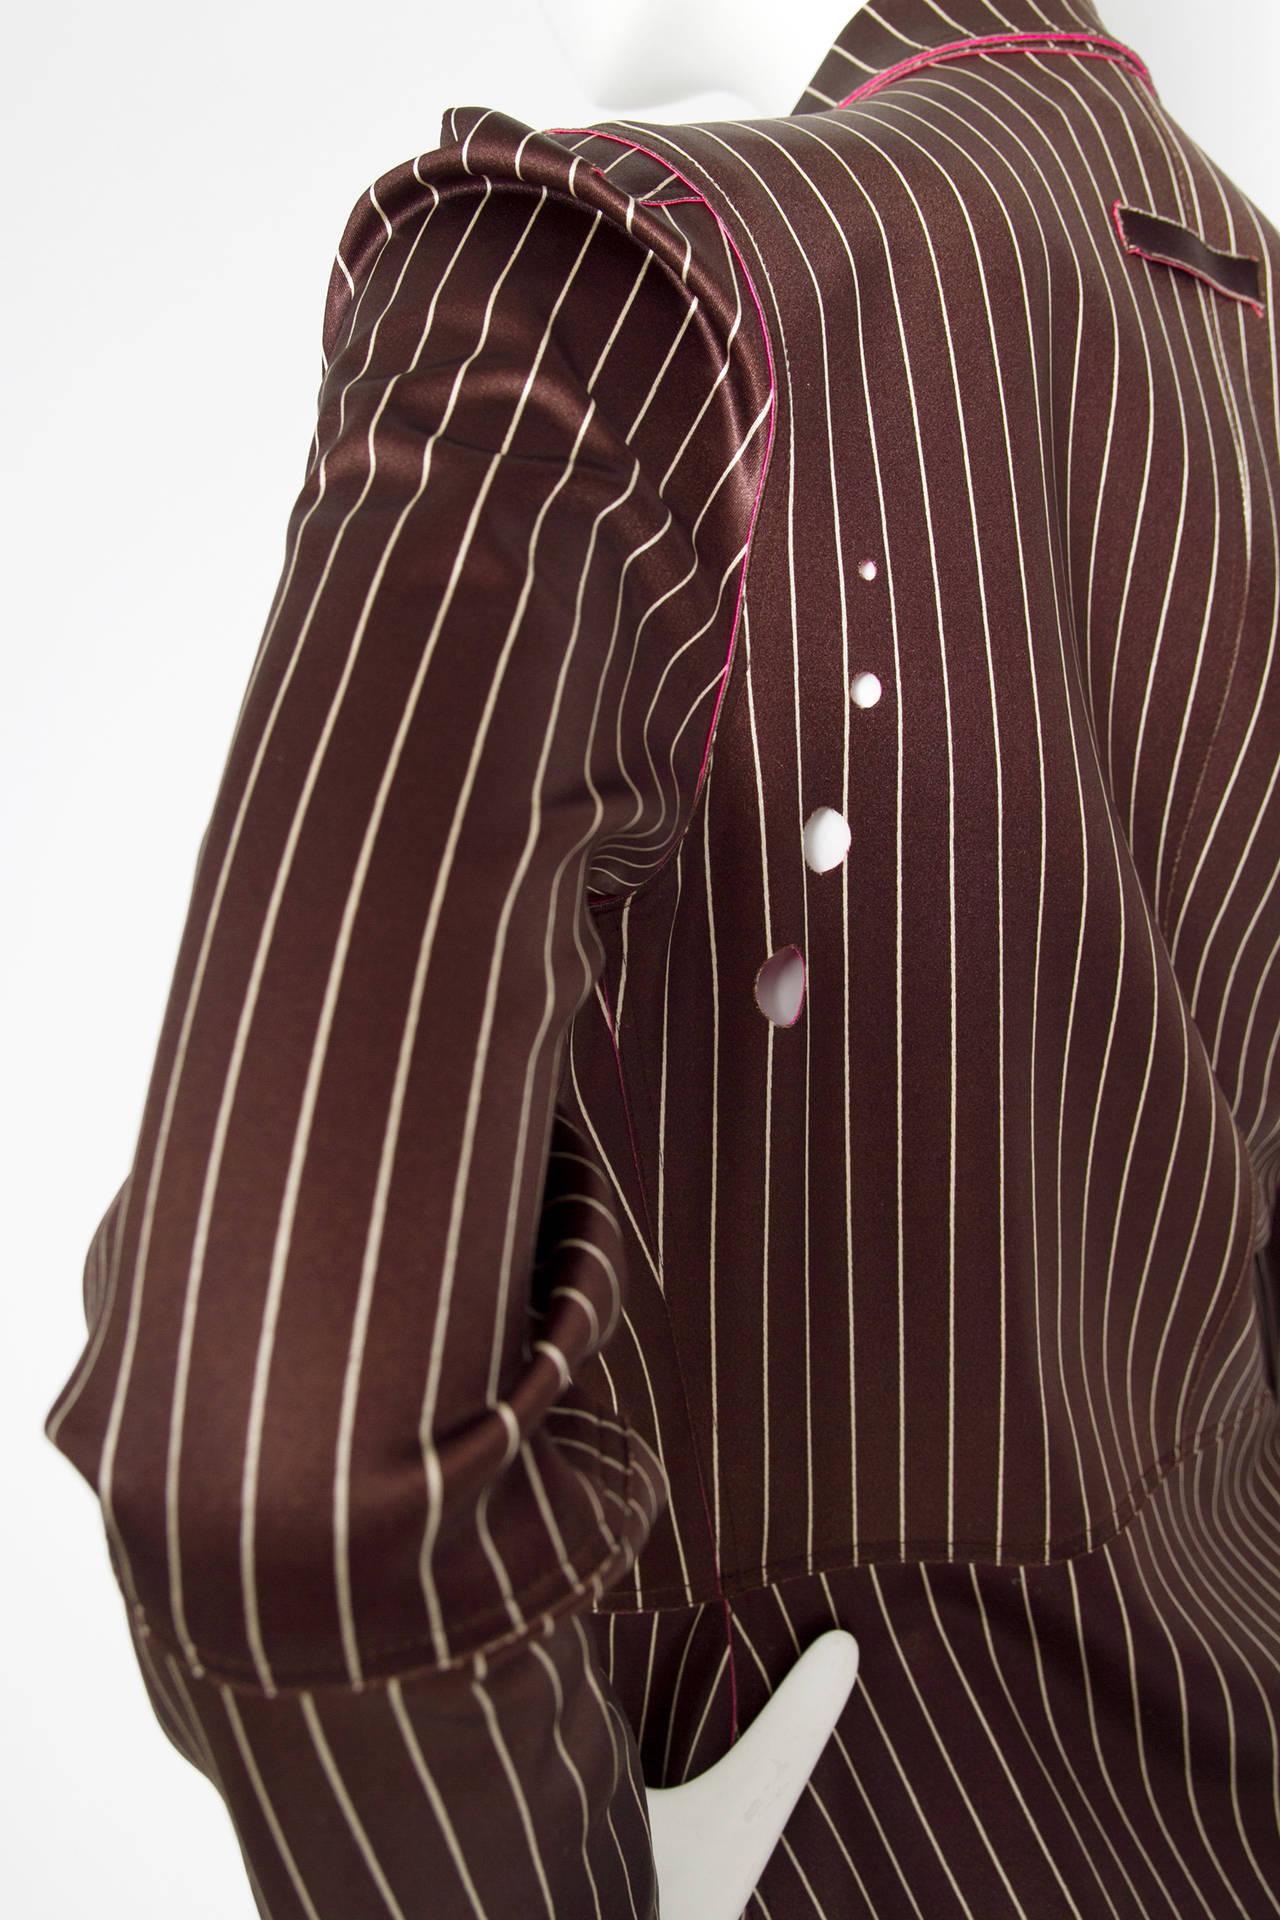 1990s Jean Paul Gaultier Neoprene Pinstripe Blazer Jacket In Excellent Condition For Sale In Copenhagen, DK